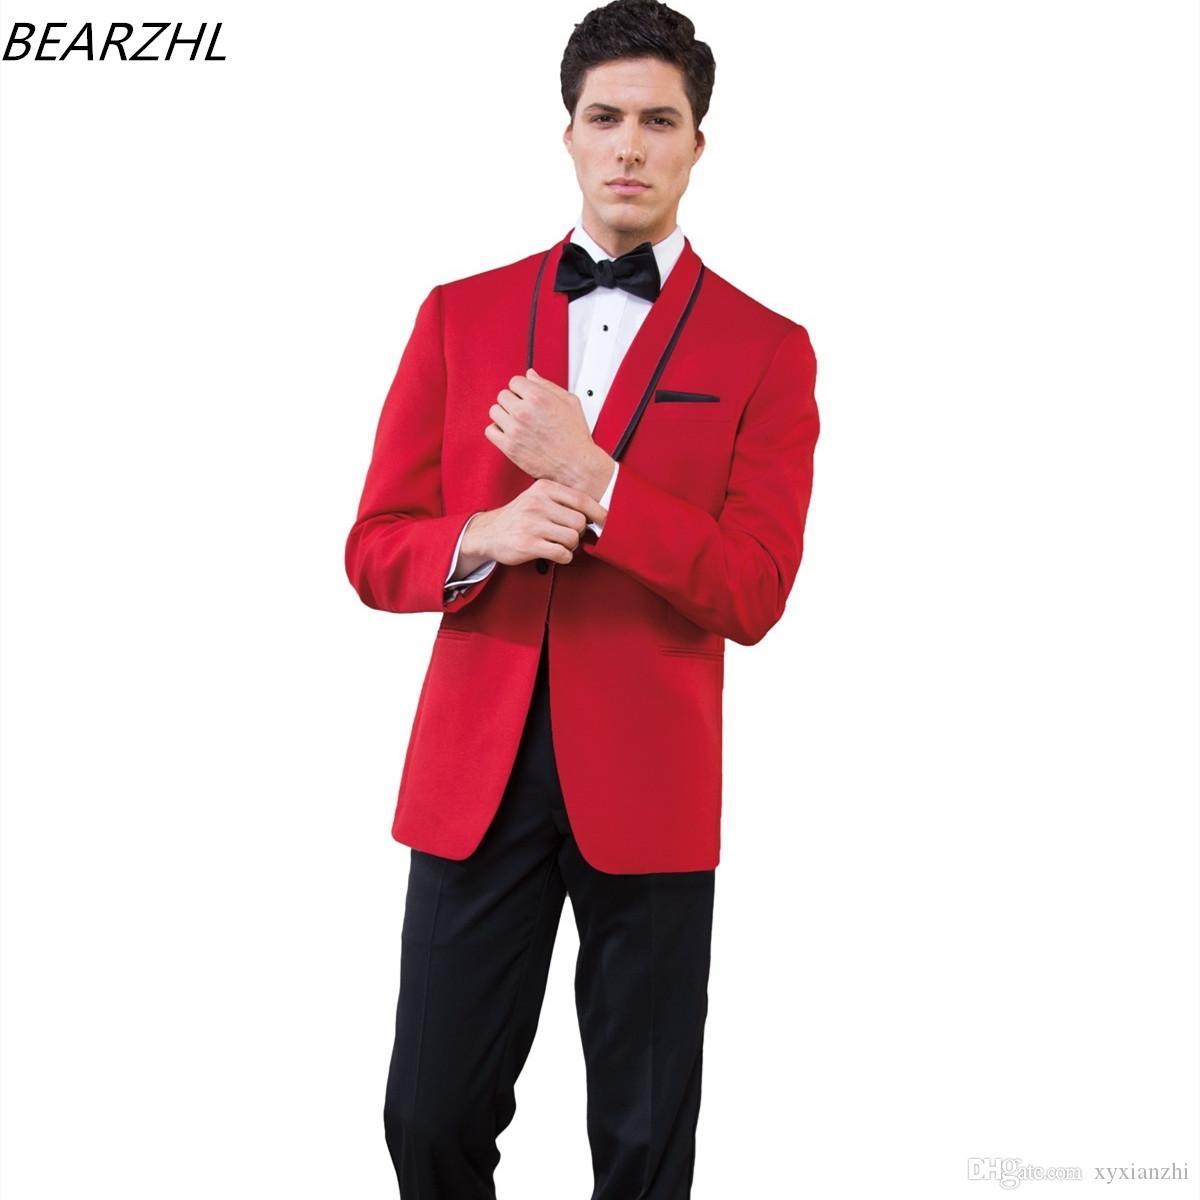 Damat Düğün Smokin Suits Resmi Giyim için 2021 Custom Made Suit Akşam Yemeği Erkekler Kırmızı